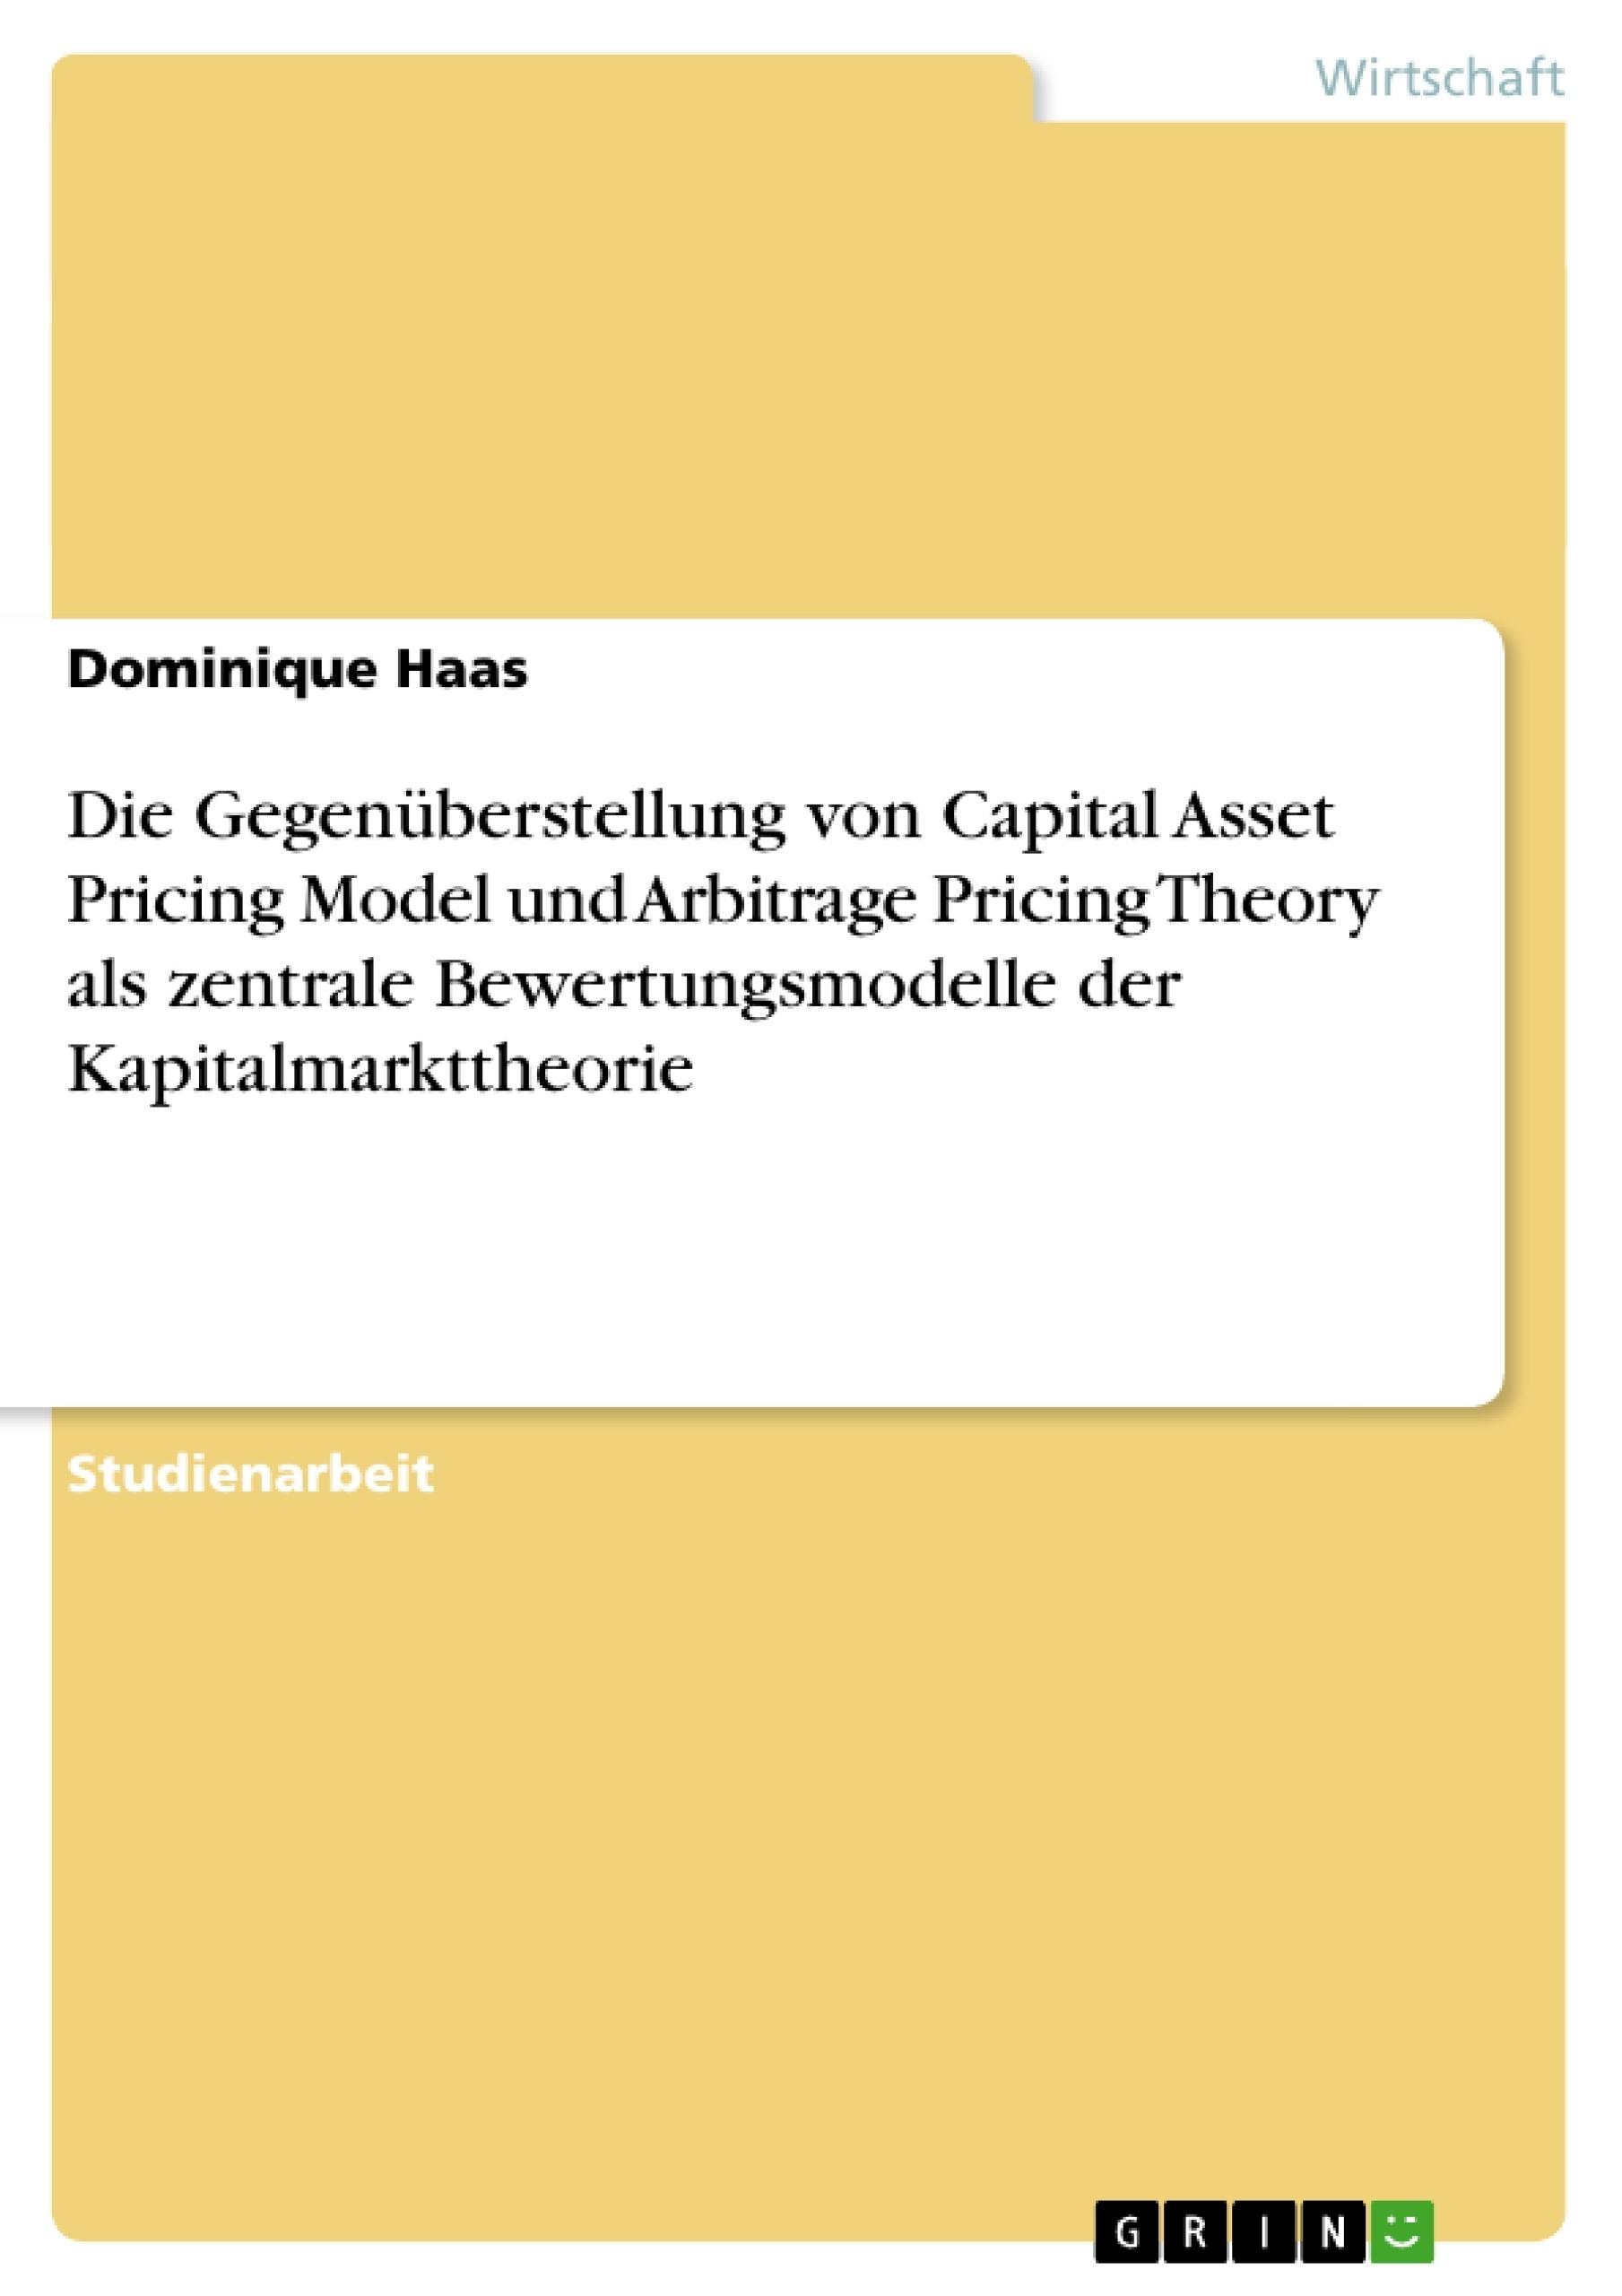 Titel: Die Gegenüberstellung von Capital Asset Pricing Model und Arbitrage Pricing Theory als zentrale Bewertungsmodelle der Kapitalmarkttheorie